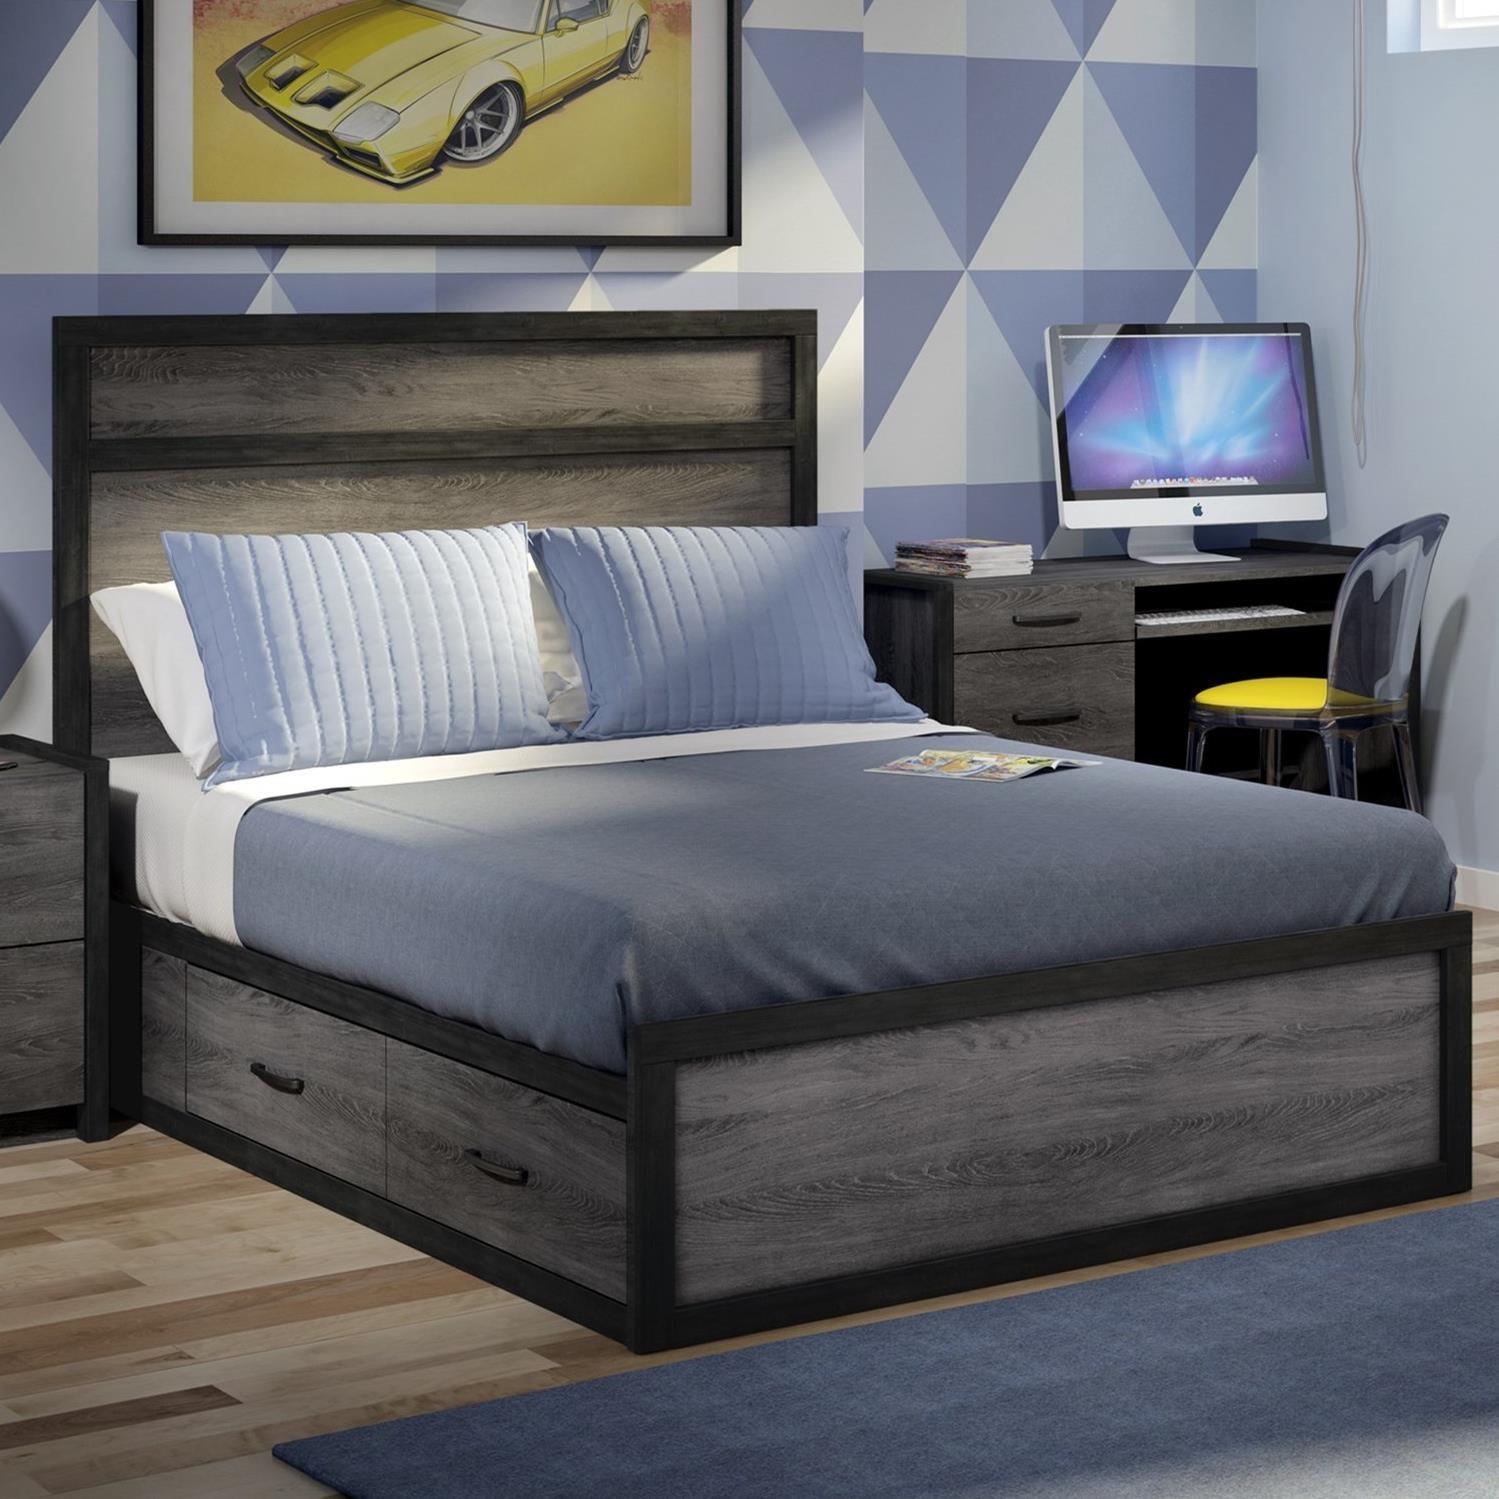 Defehr 538 Full Storage Bed - Item Number: 538215+26+80